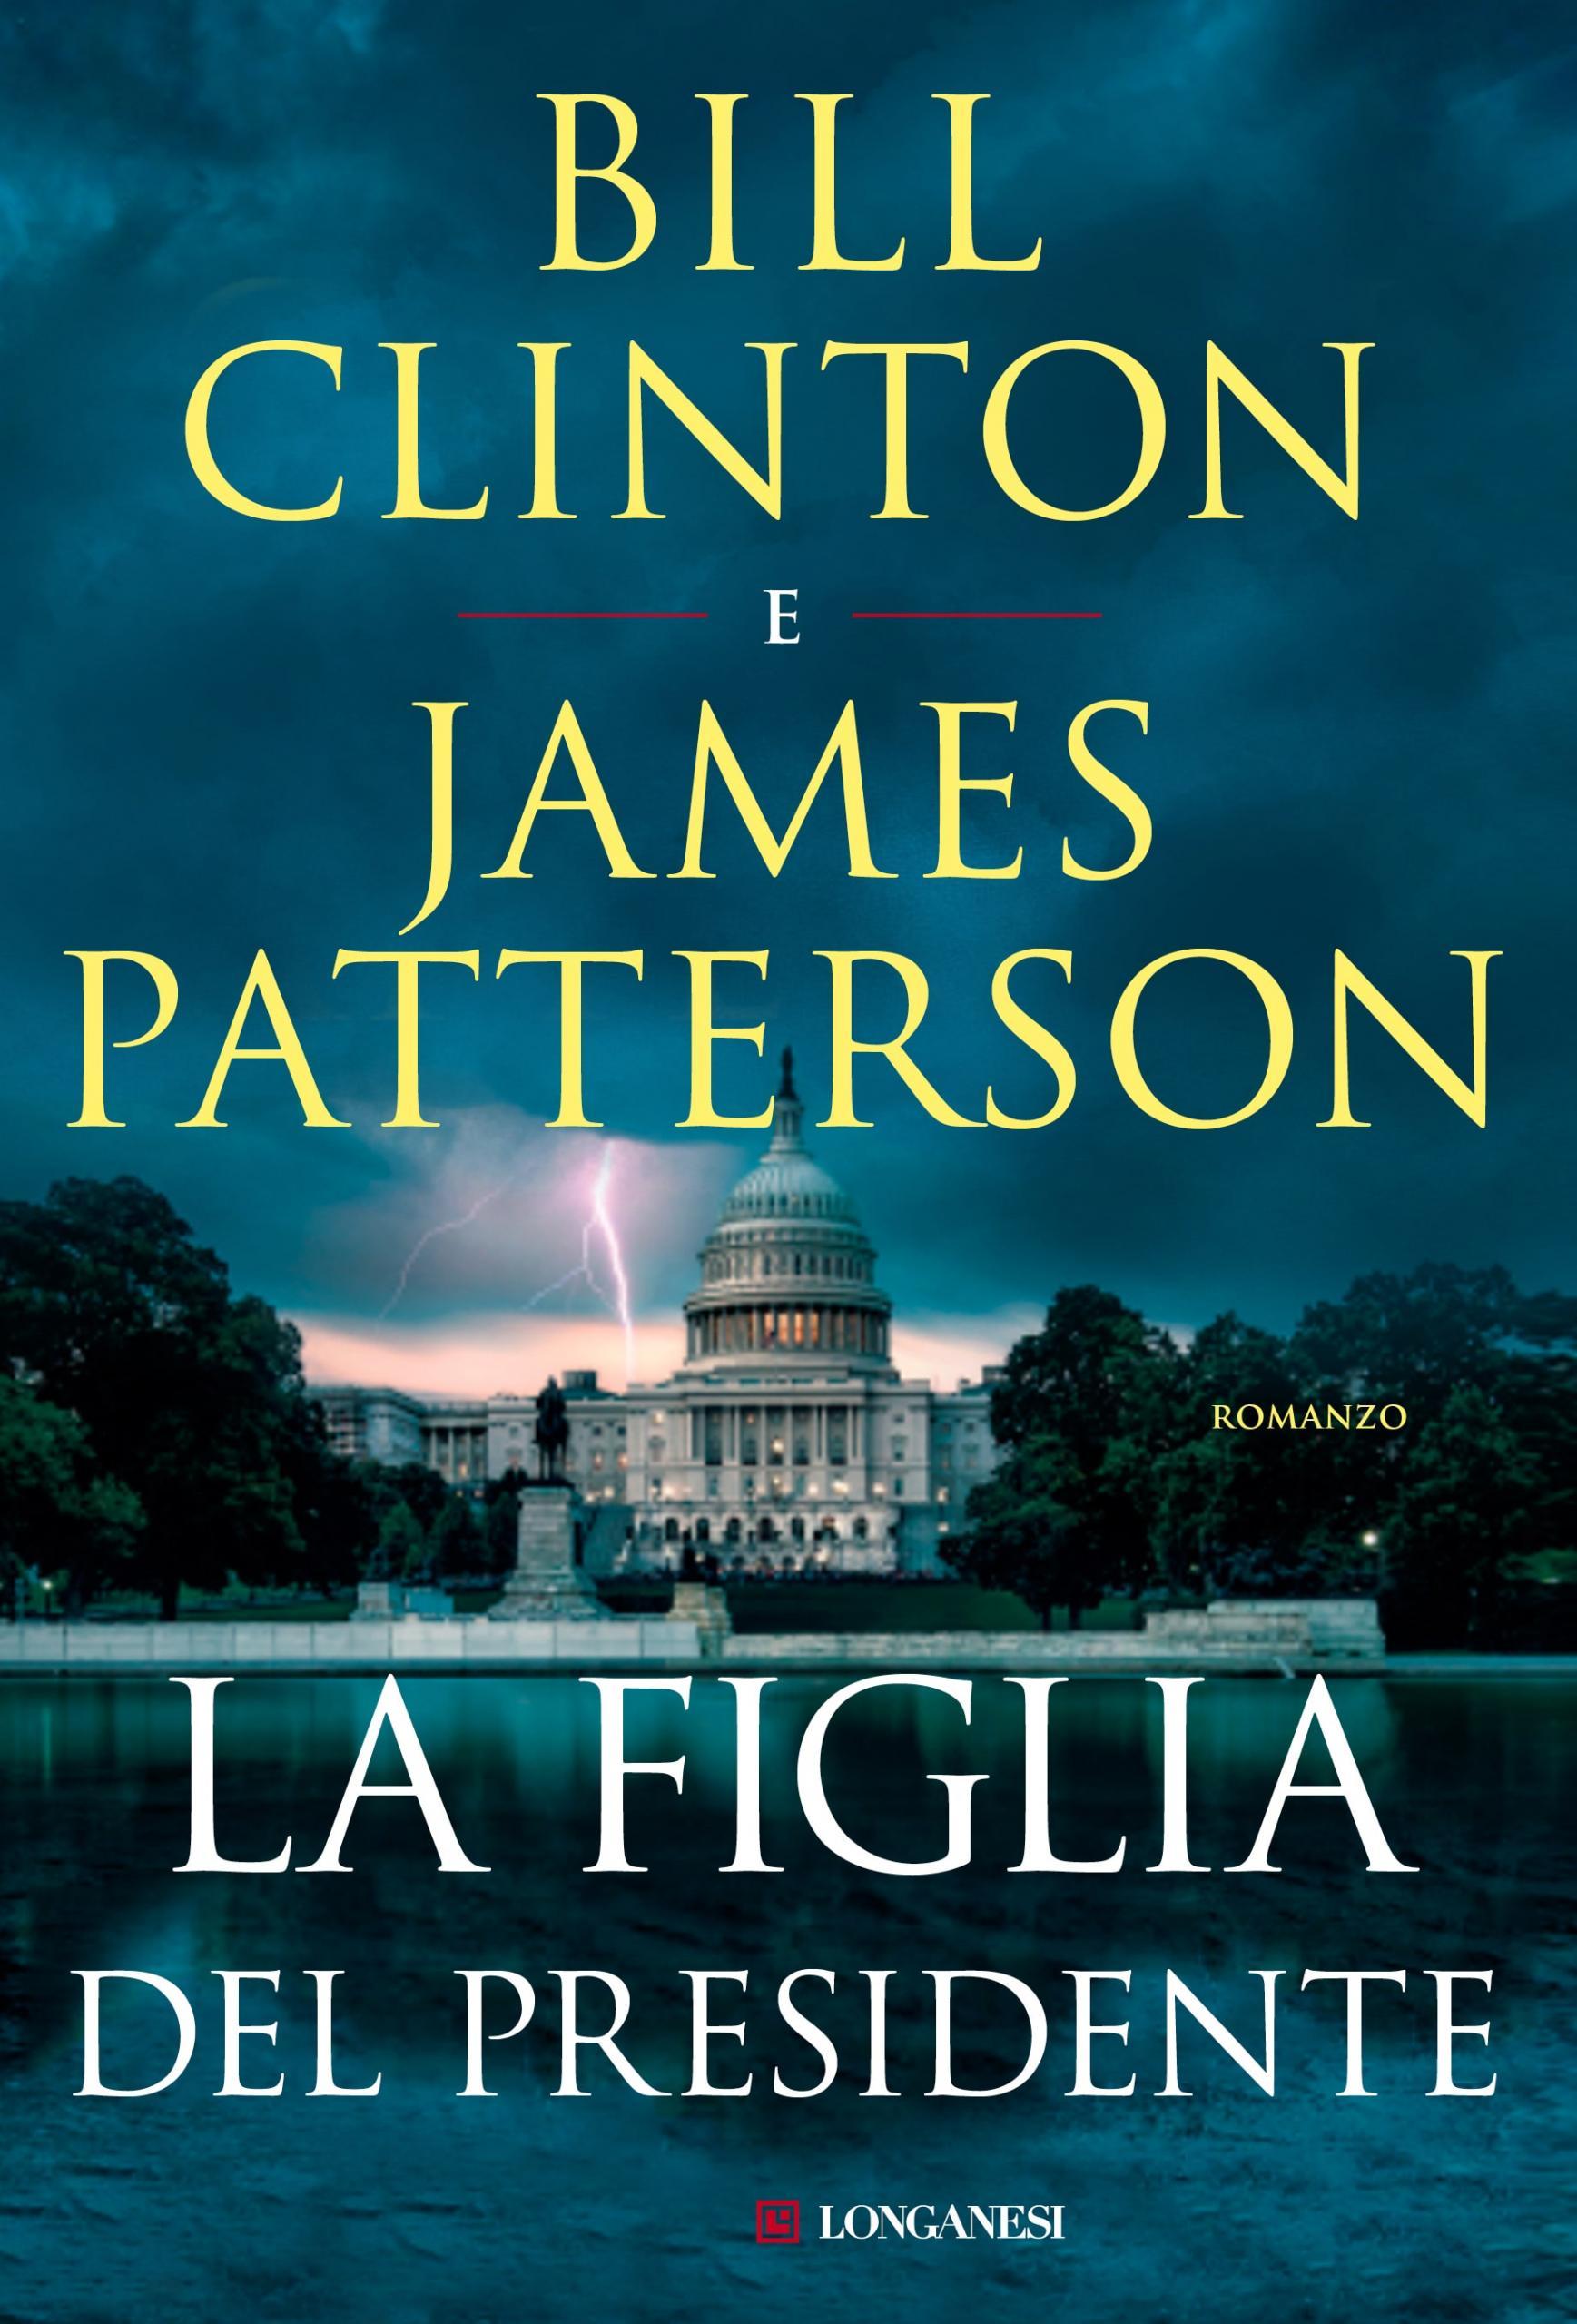 Copertina del libro La figlia del Presidente, di Clinton e Patterson